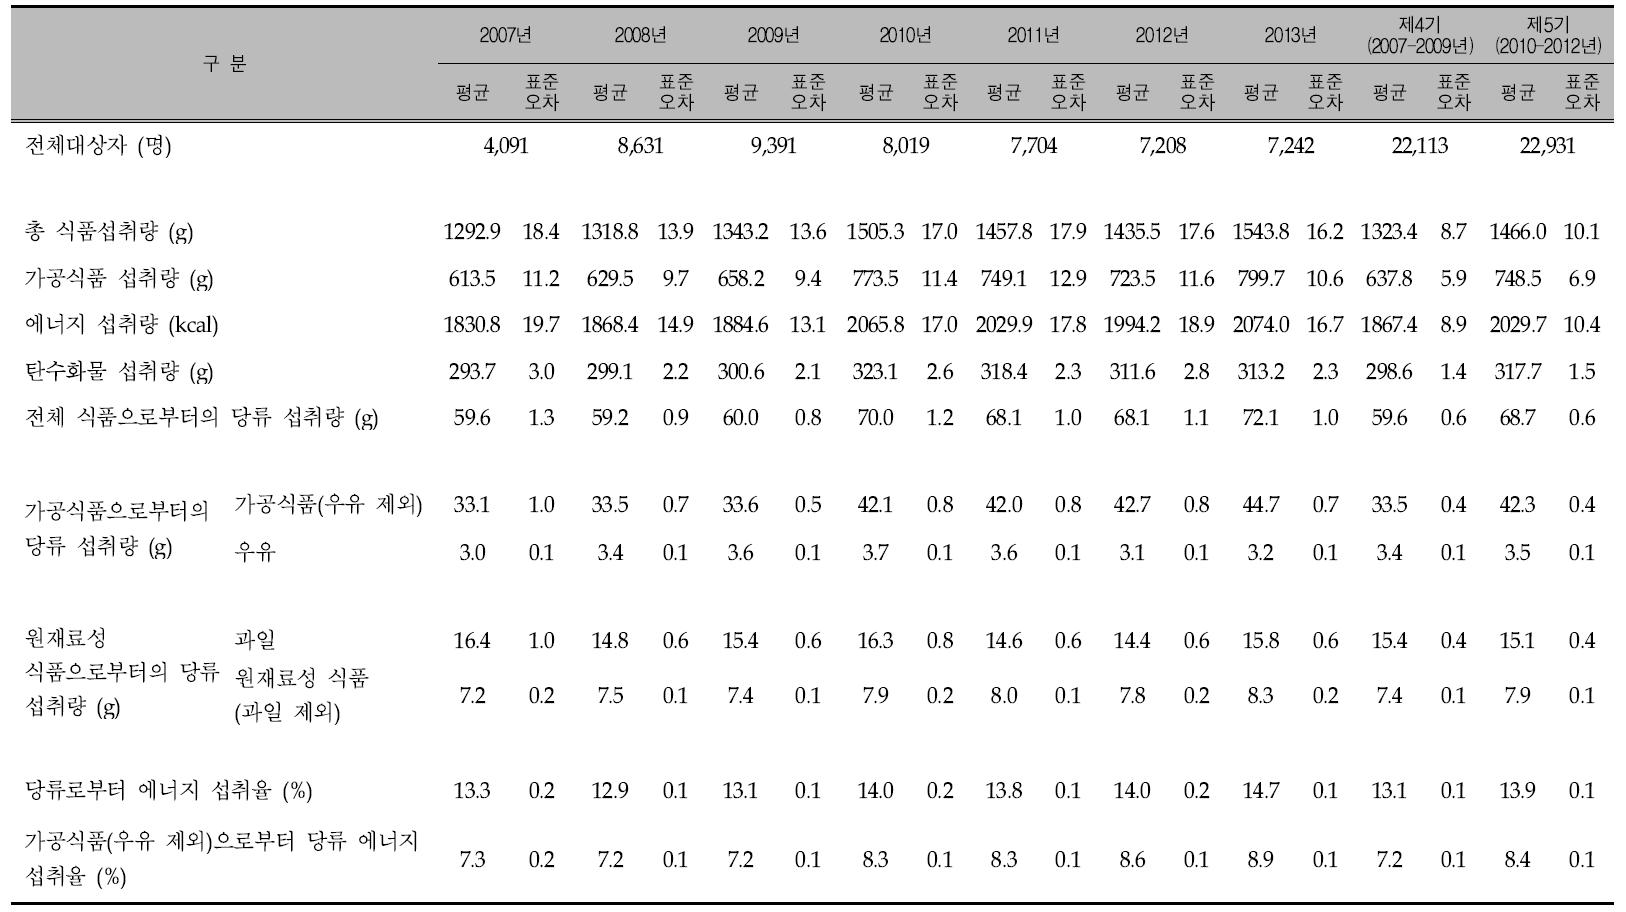 연도별 우리 국민의 1인 1일 평균 당류 섭취량: 국민건강영양조사 2007-2013년, 제4기(2007-2009년) 및 제5기(2010년-2012년)